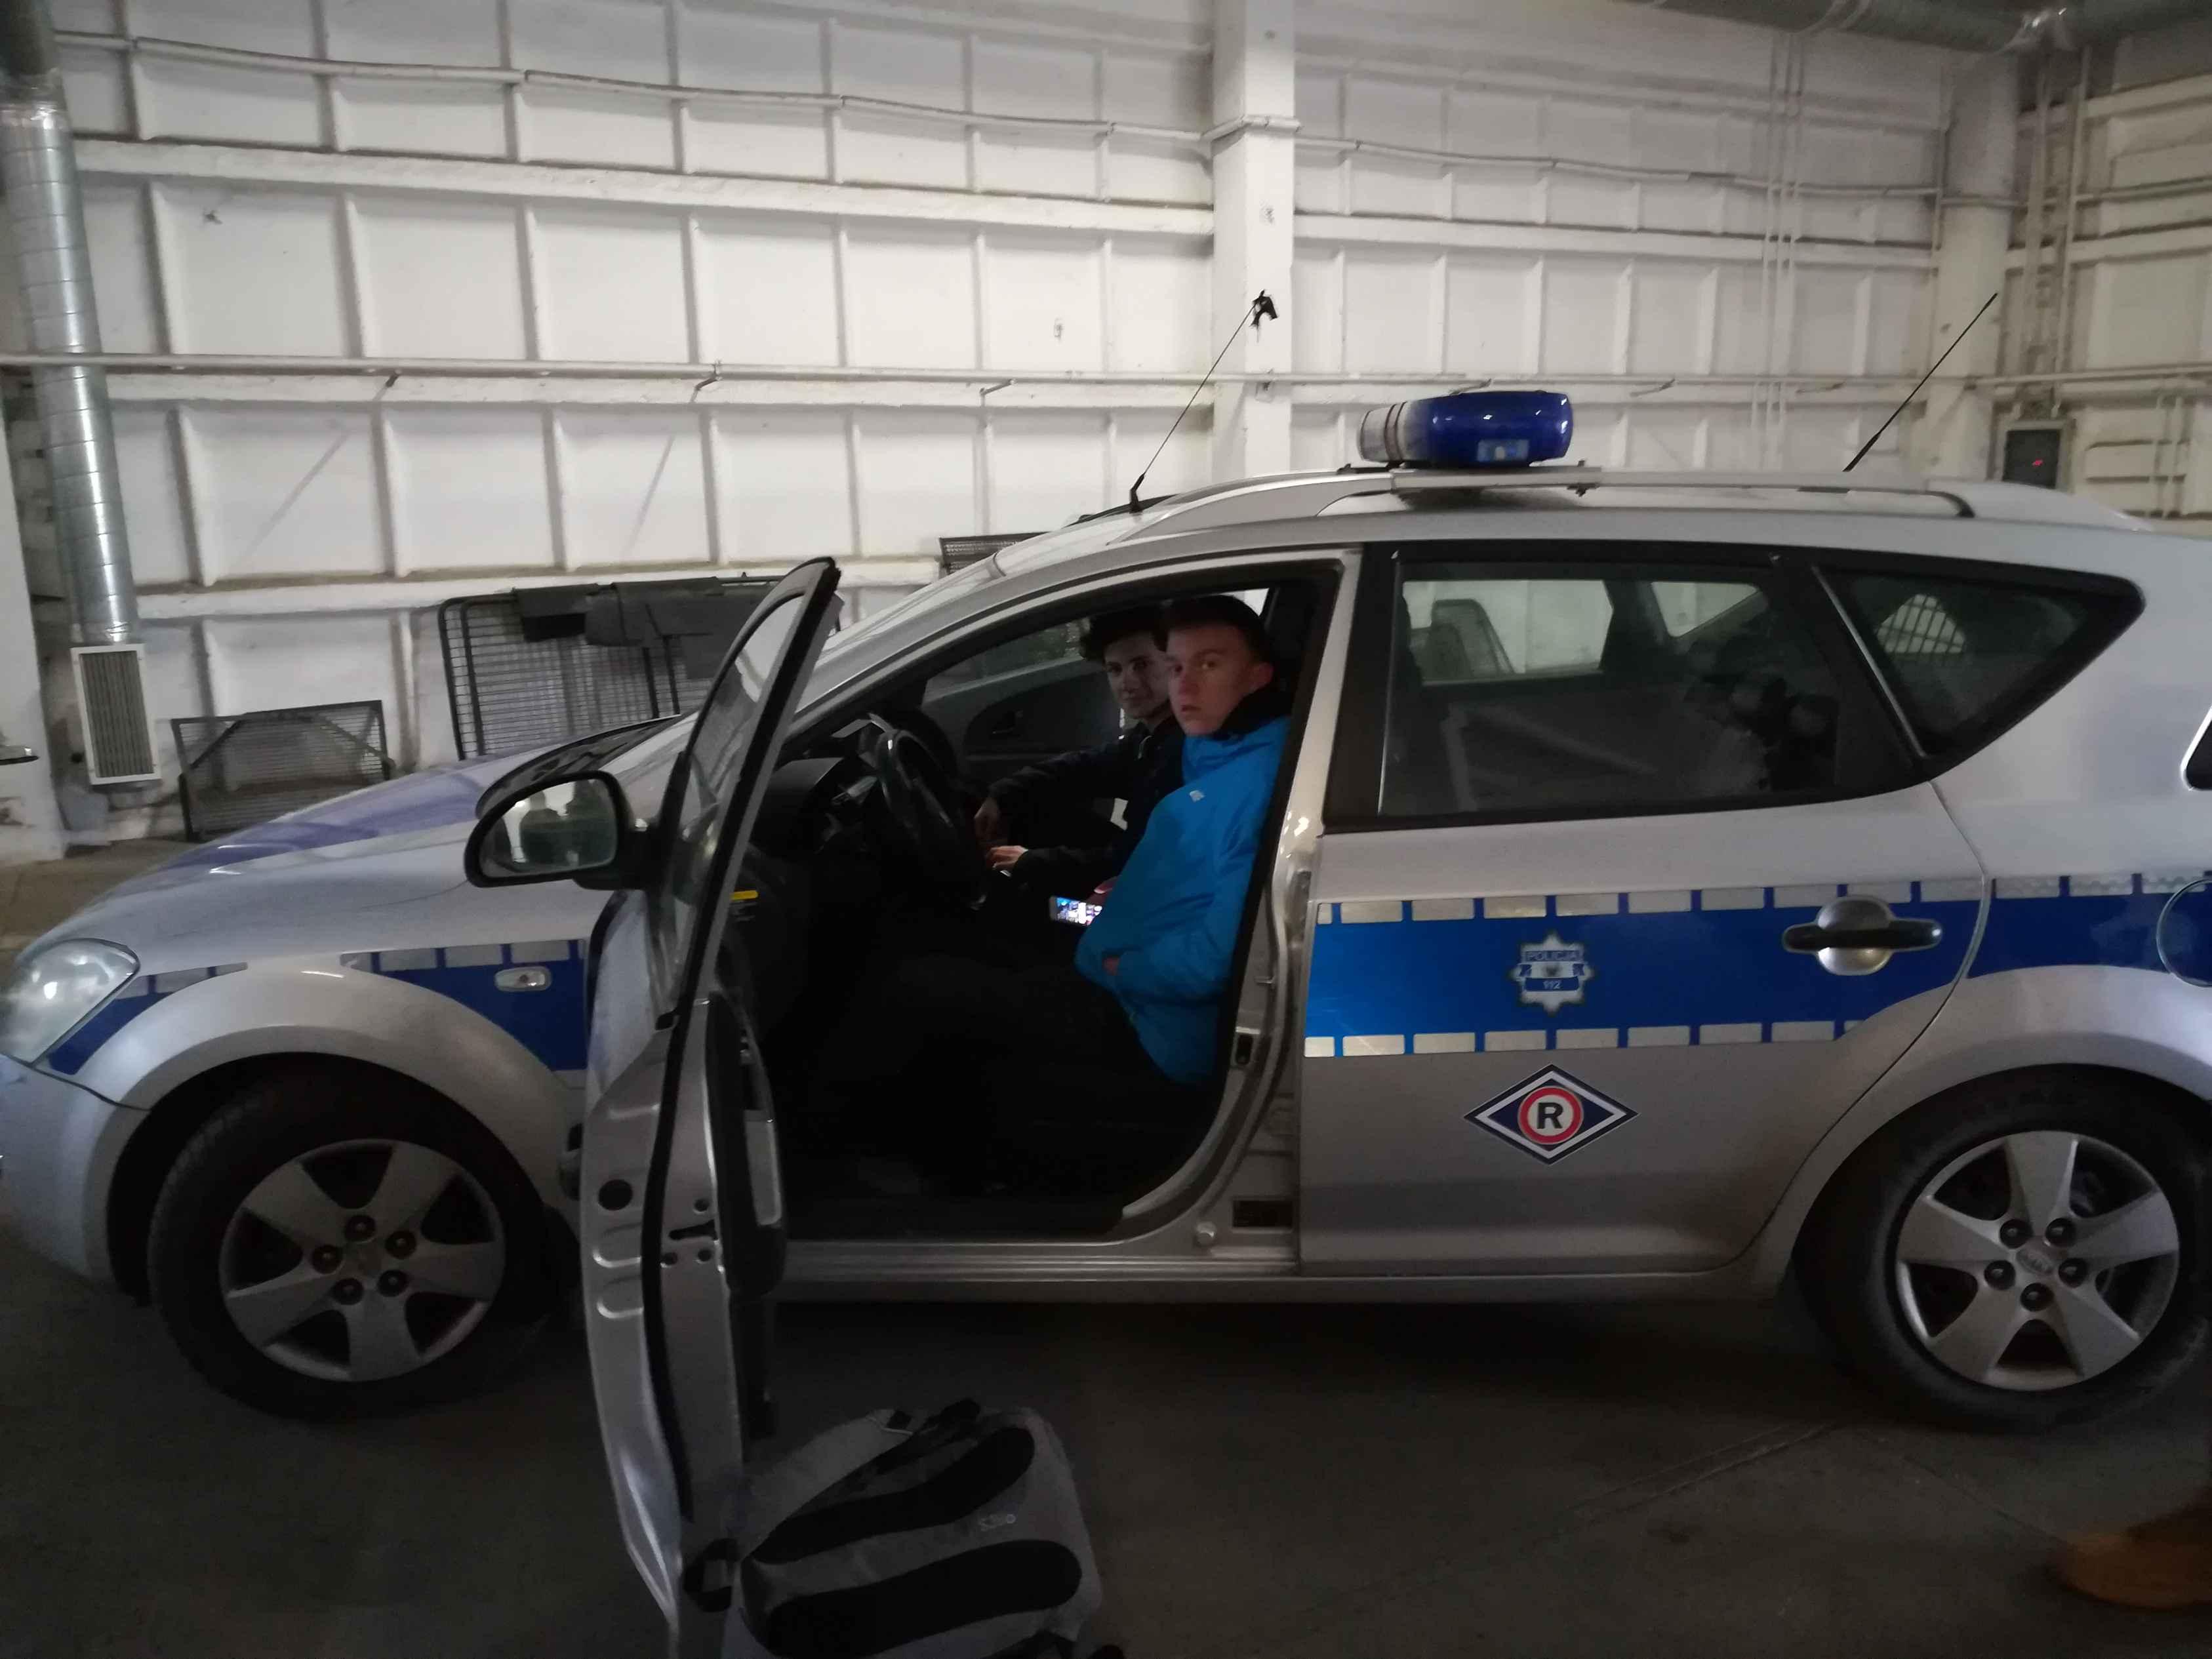 Wycieczka zawodoznawcza na Komendę Policji w Goleniowie